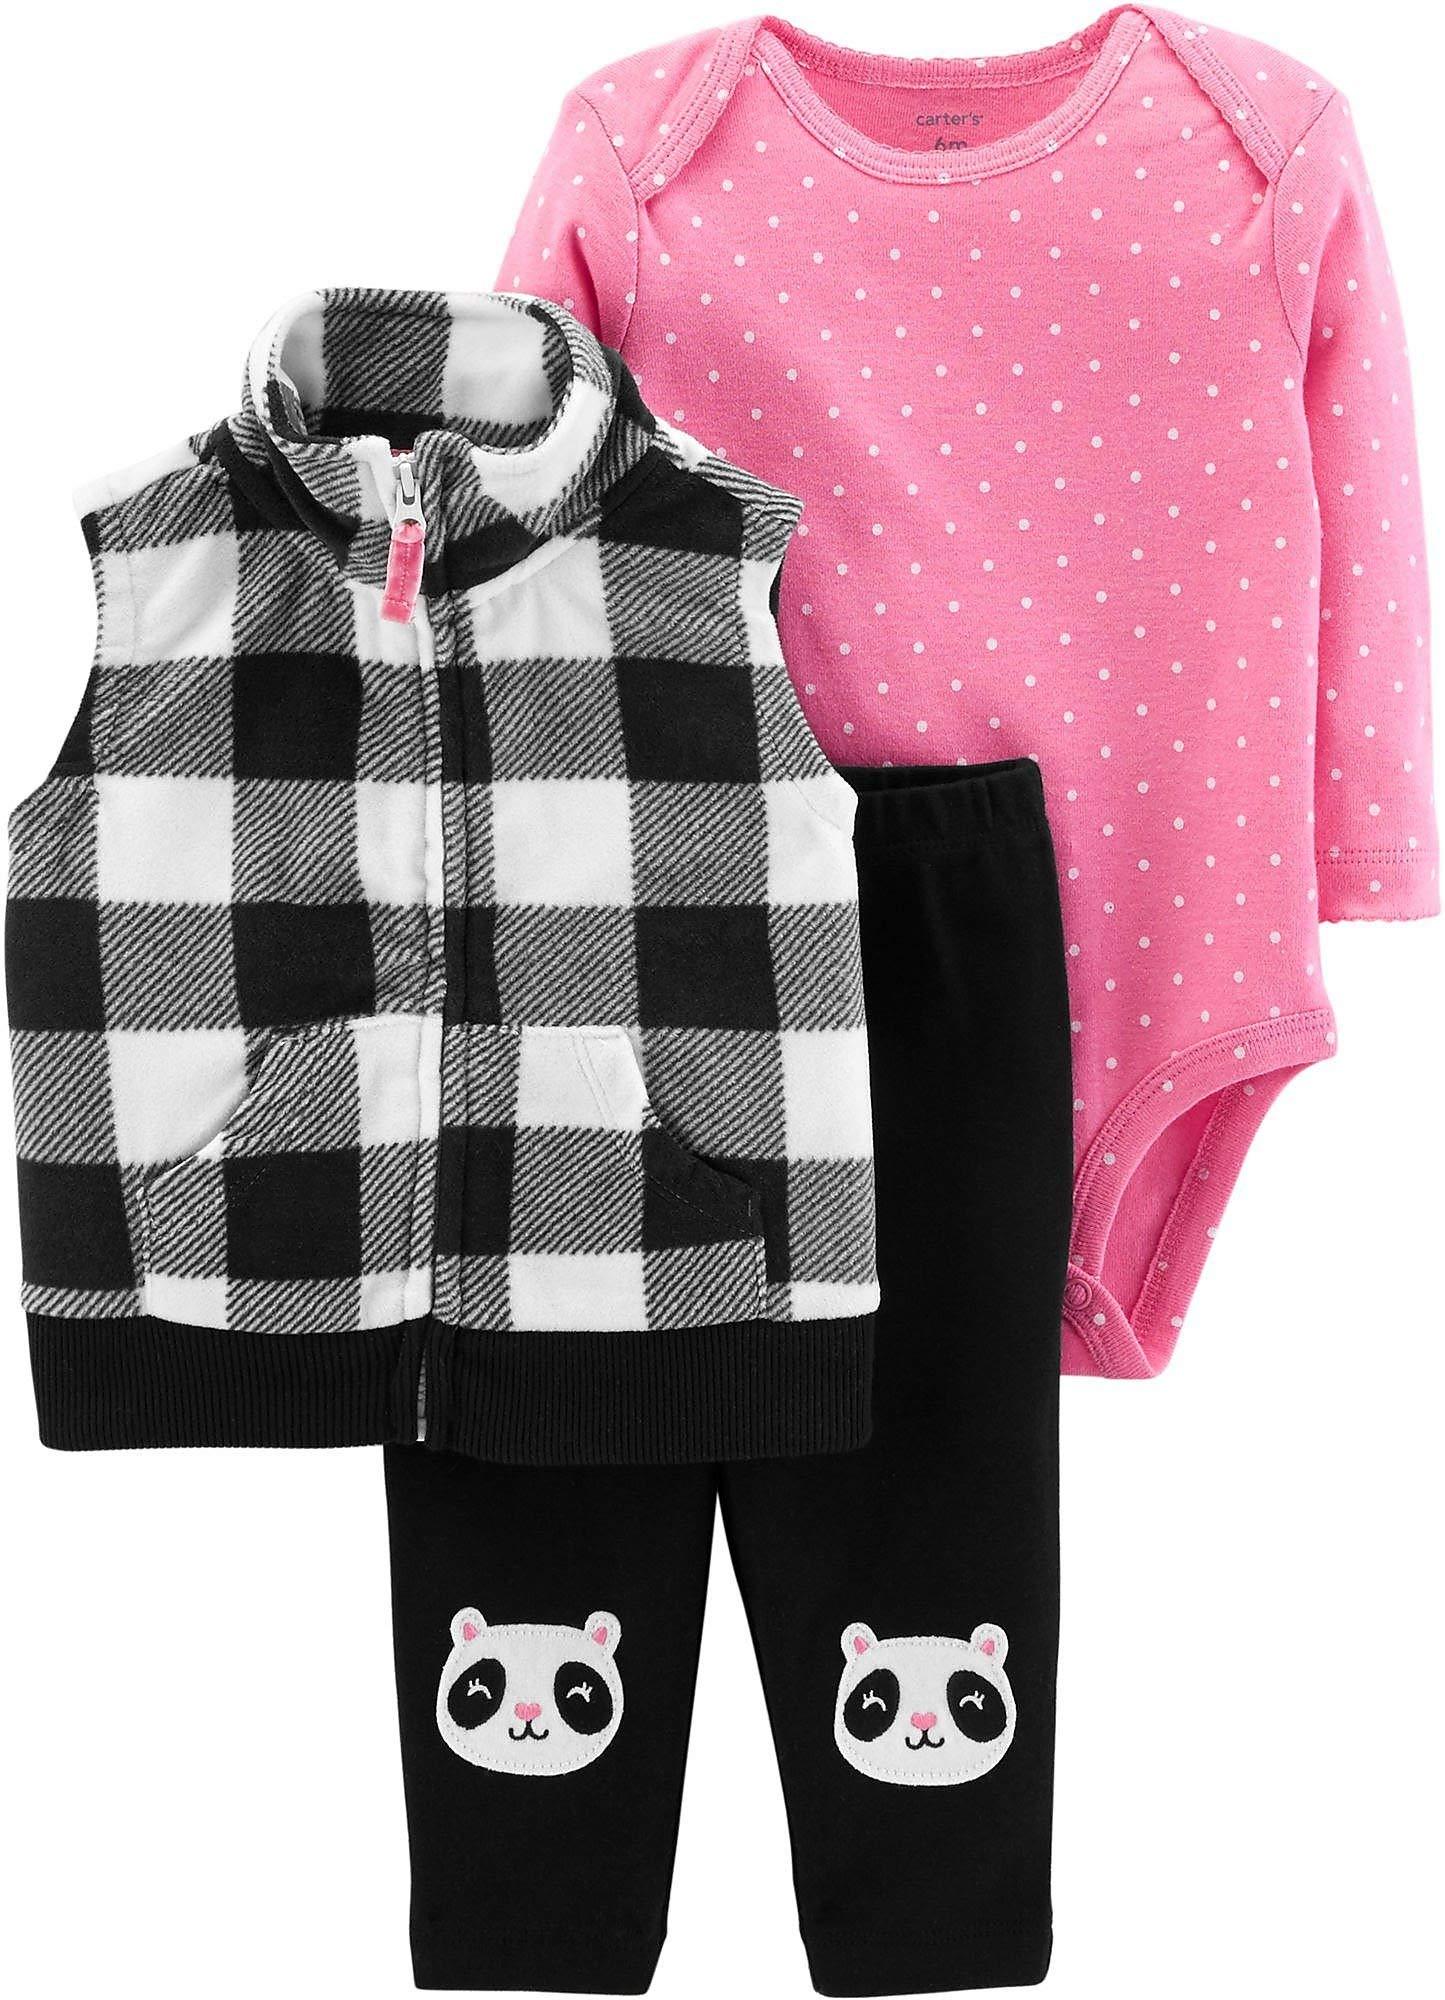 Carter's Baby Girls' Vest Sets 121g802